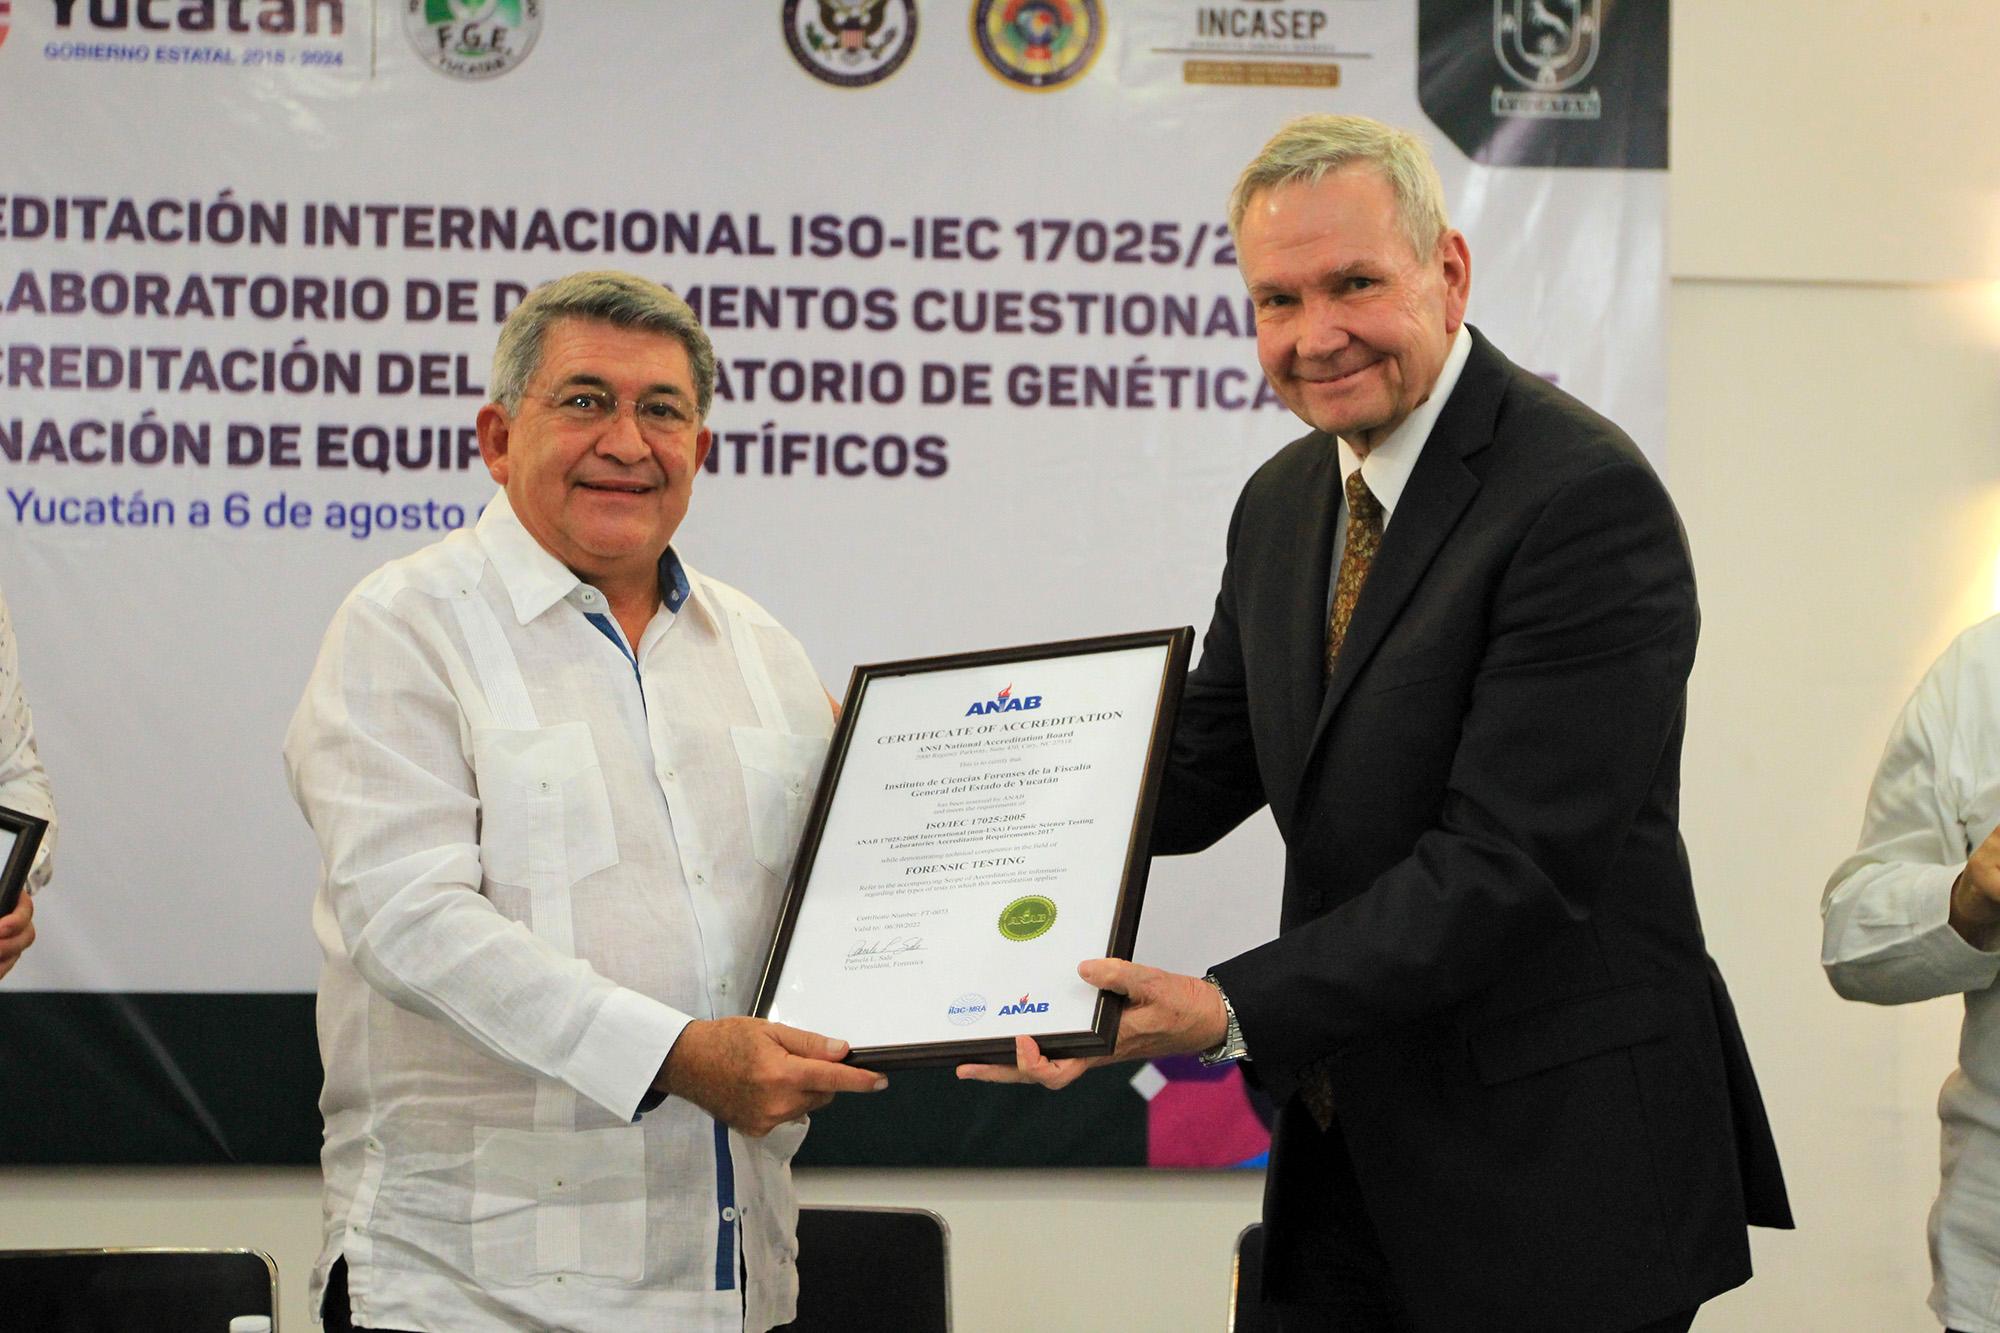 Laboratorios de la Fiscalía obtienen acreditación internacional